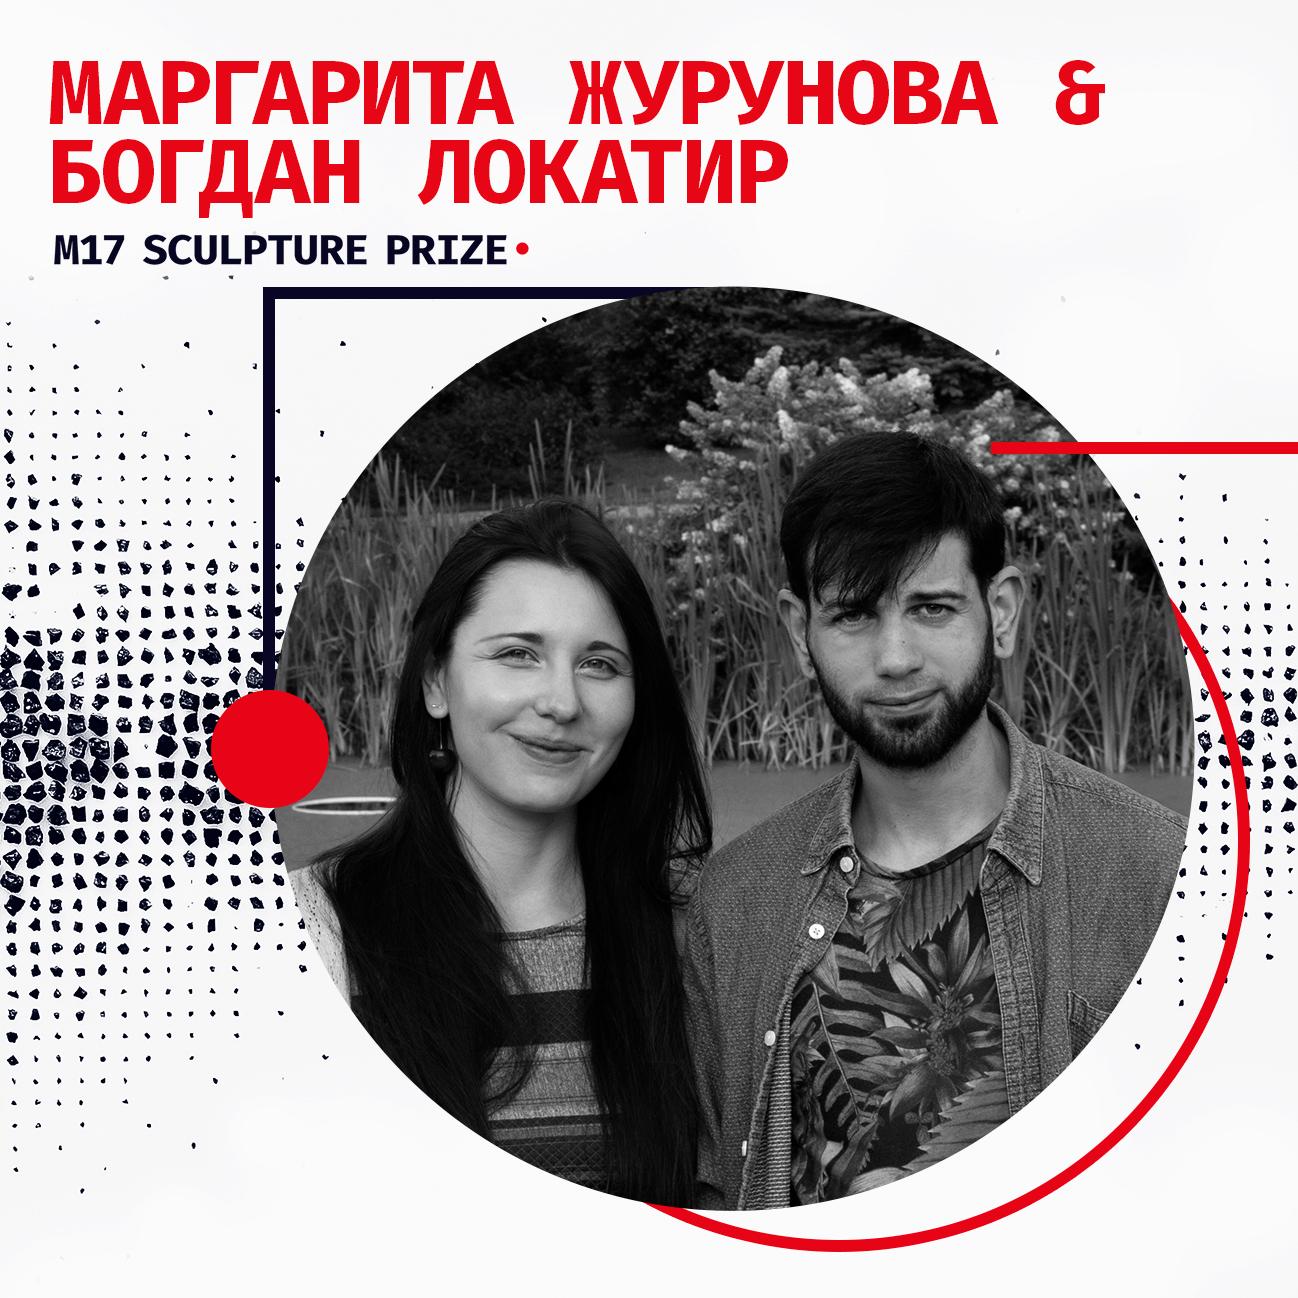 Номінанти M17 Sculpture Prize: творча група Богдан Локатир & Маргарита Журунова (Львів)